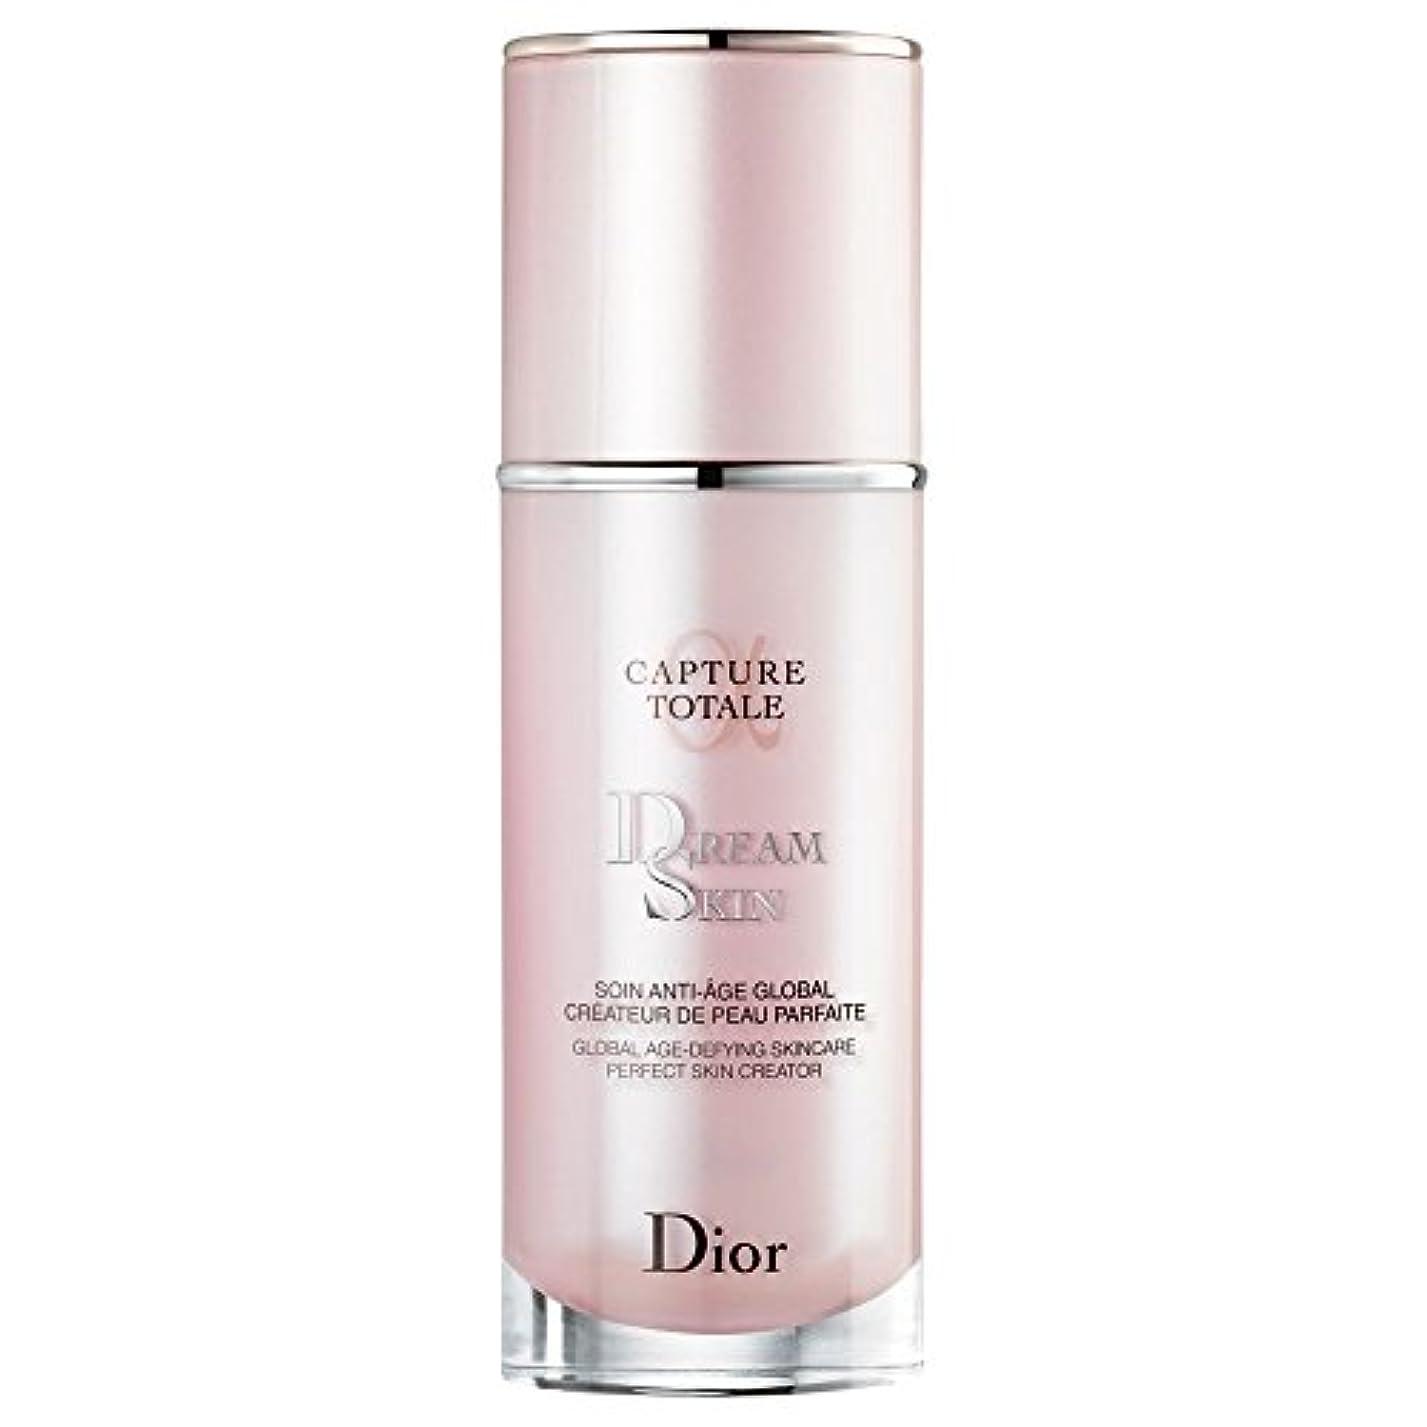 鳴らす知り合いになる塩[Dior] ディオールキャプチャカプチュールトータルDreamskin血清50ミリリットル - Dior Capture Totale Dreamskin Serum 50ml [並行輸入品]